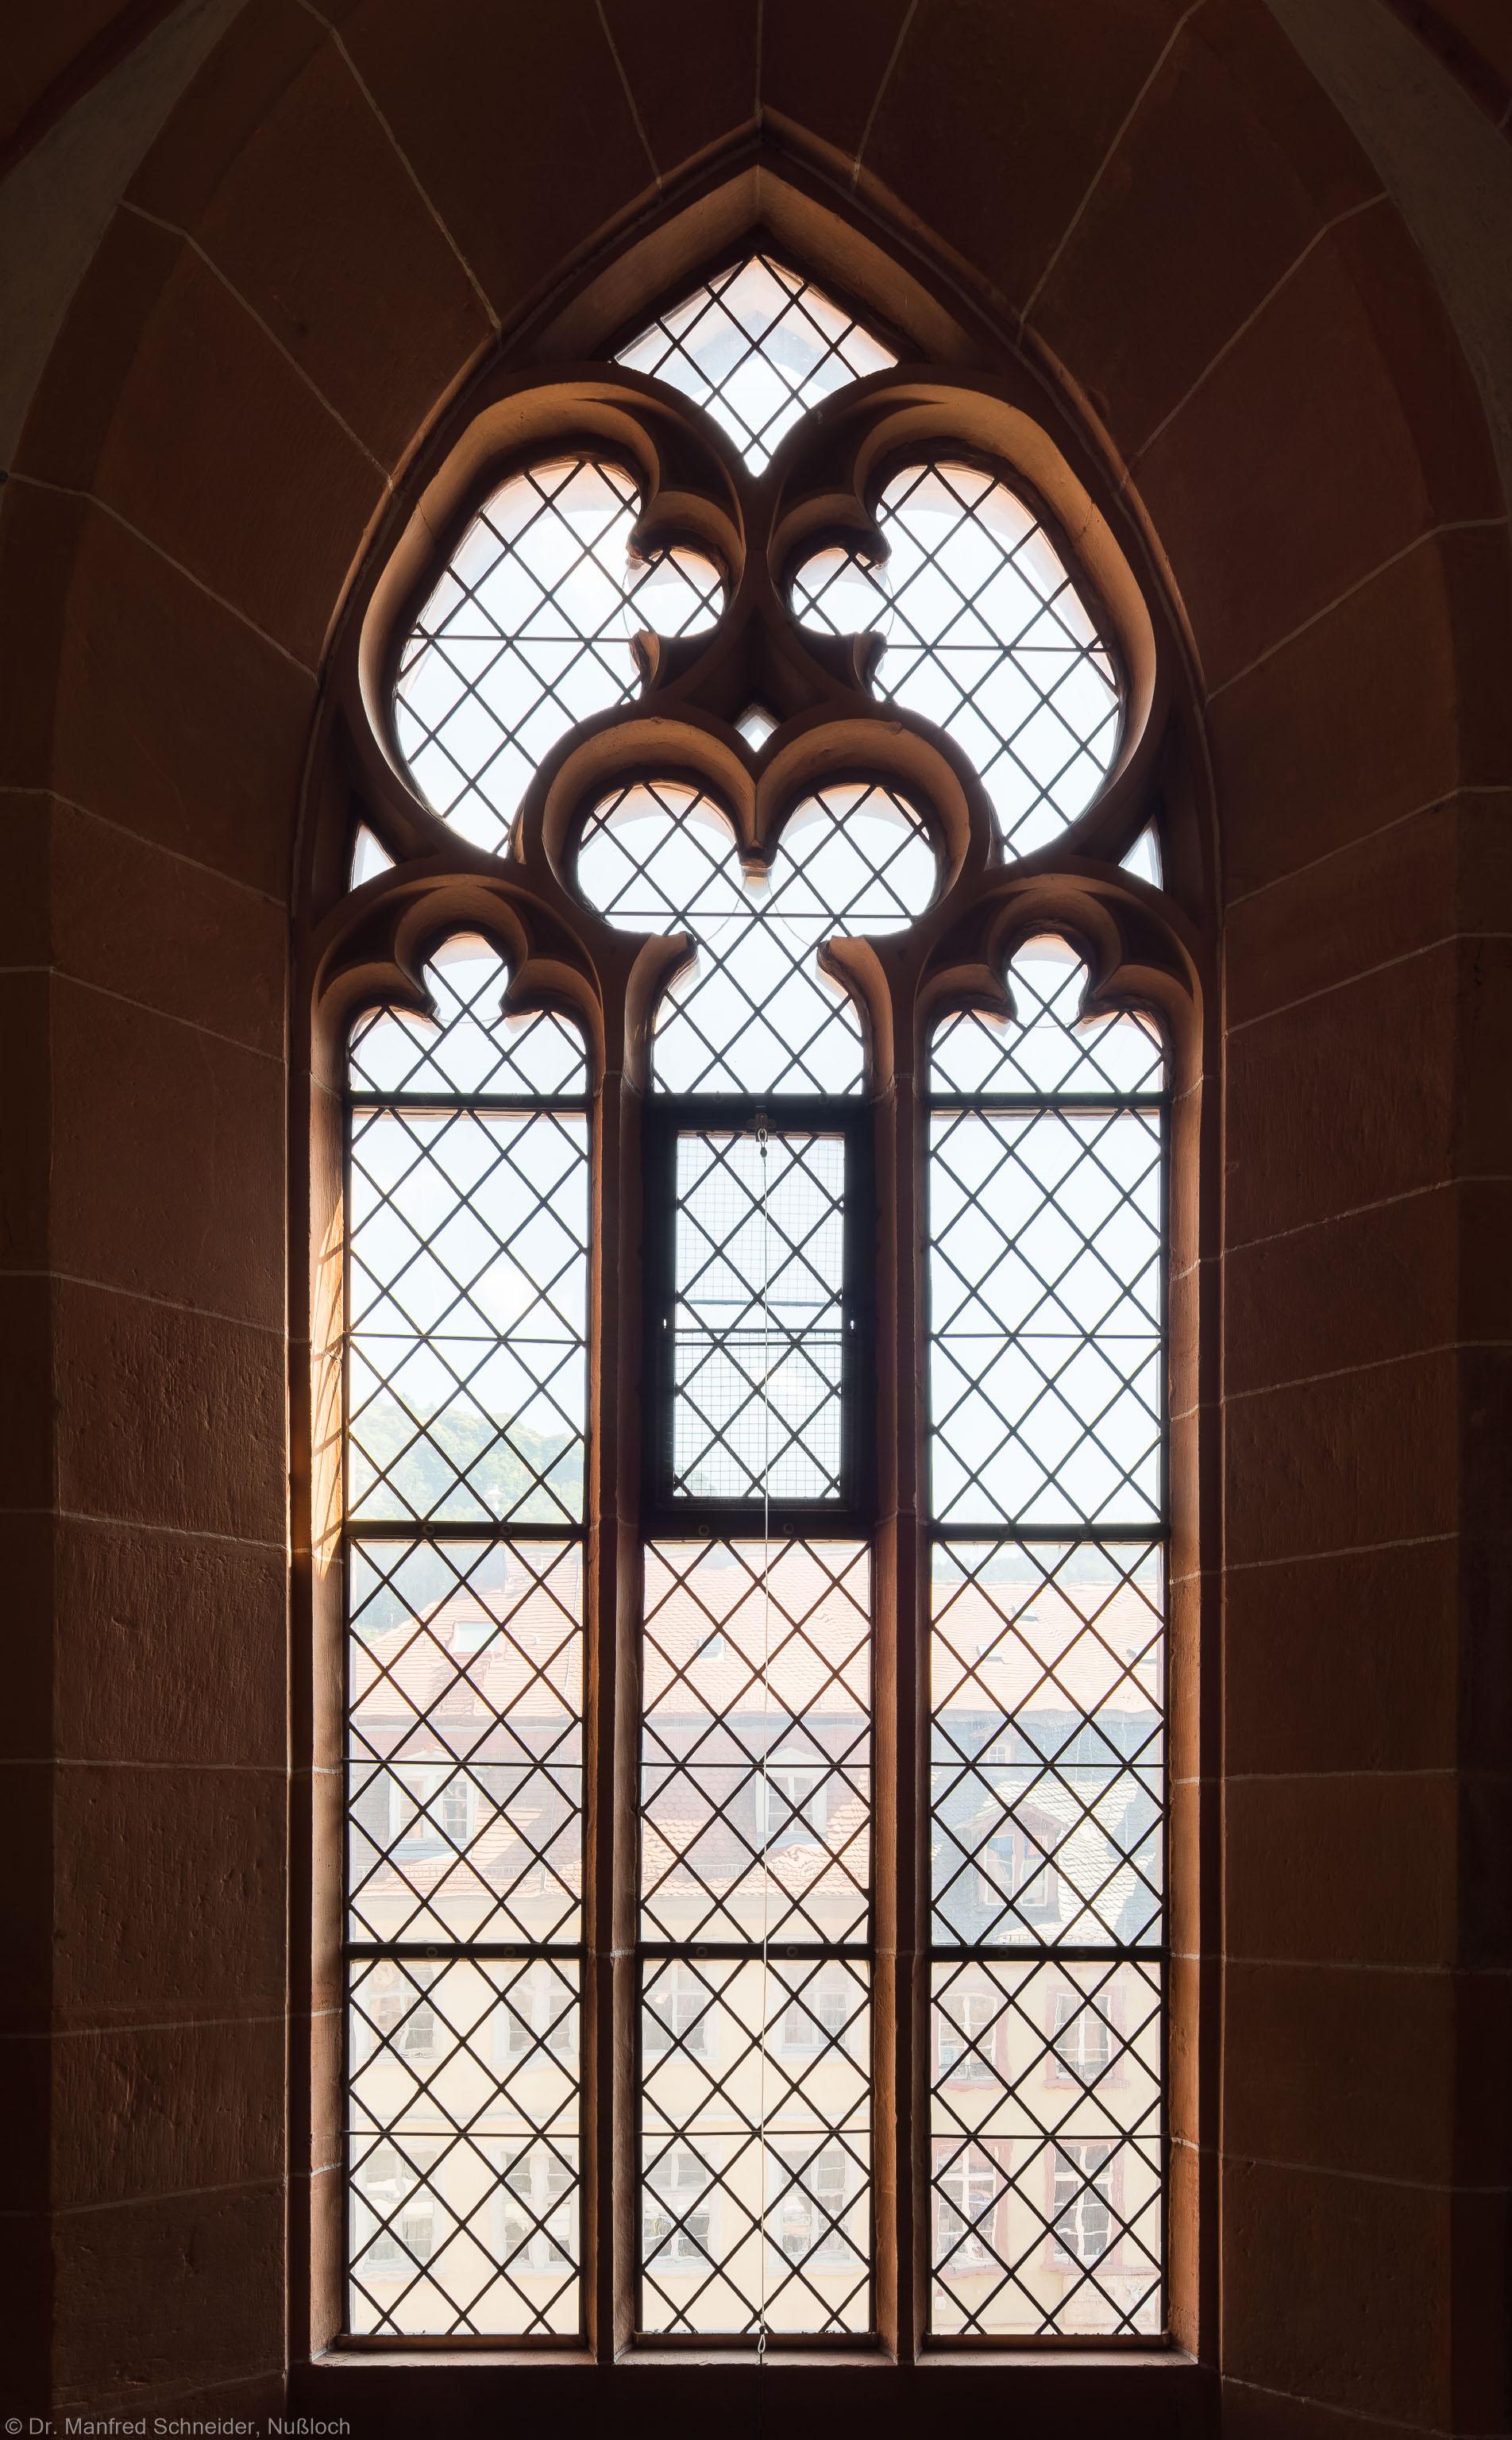 Heidelberg - Heiliggeistkirche - Südempore - 2. Joch, von Westen aus gezählt - Fenster und Maßwerk (aufgenommen im Juni 2015, am Nachmittag)